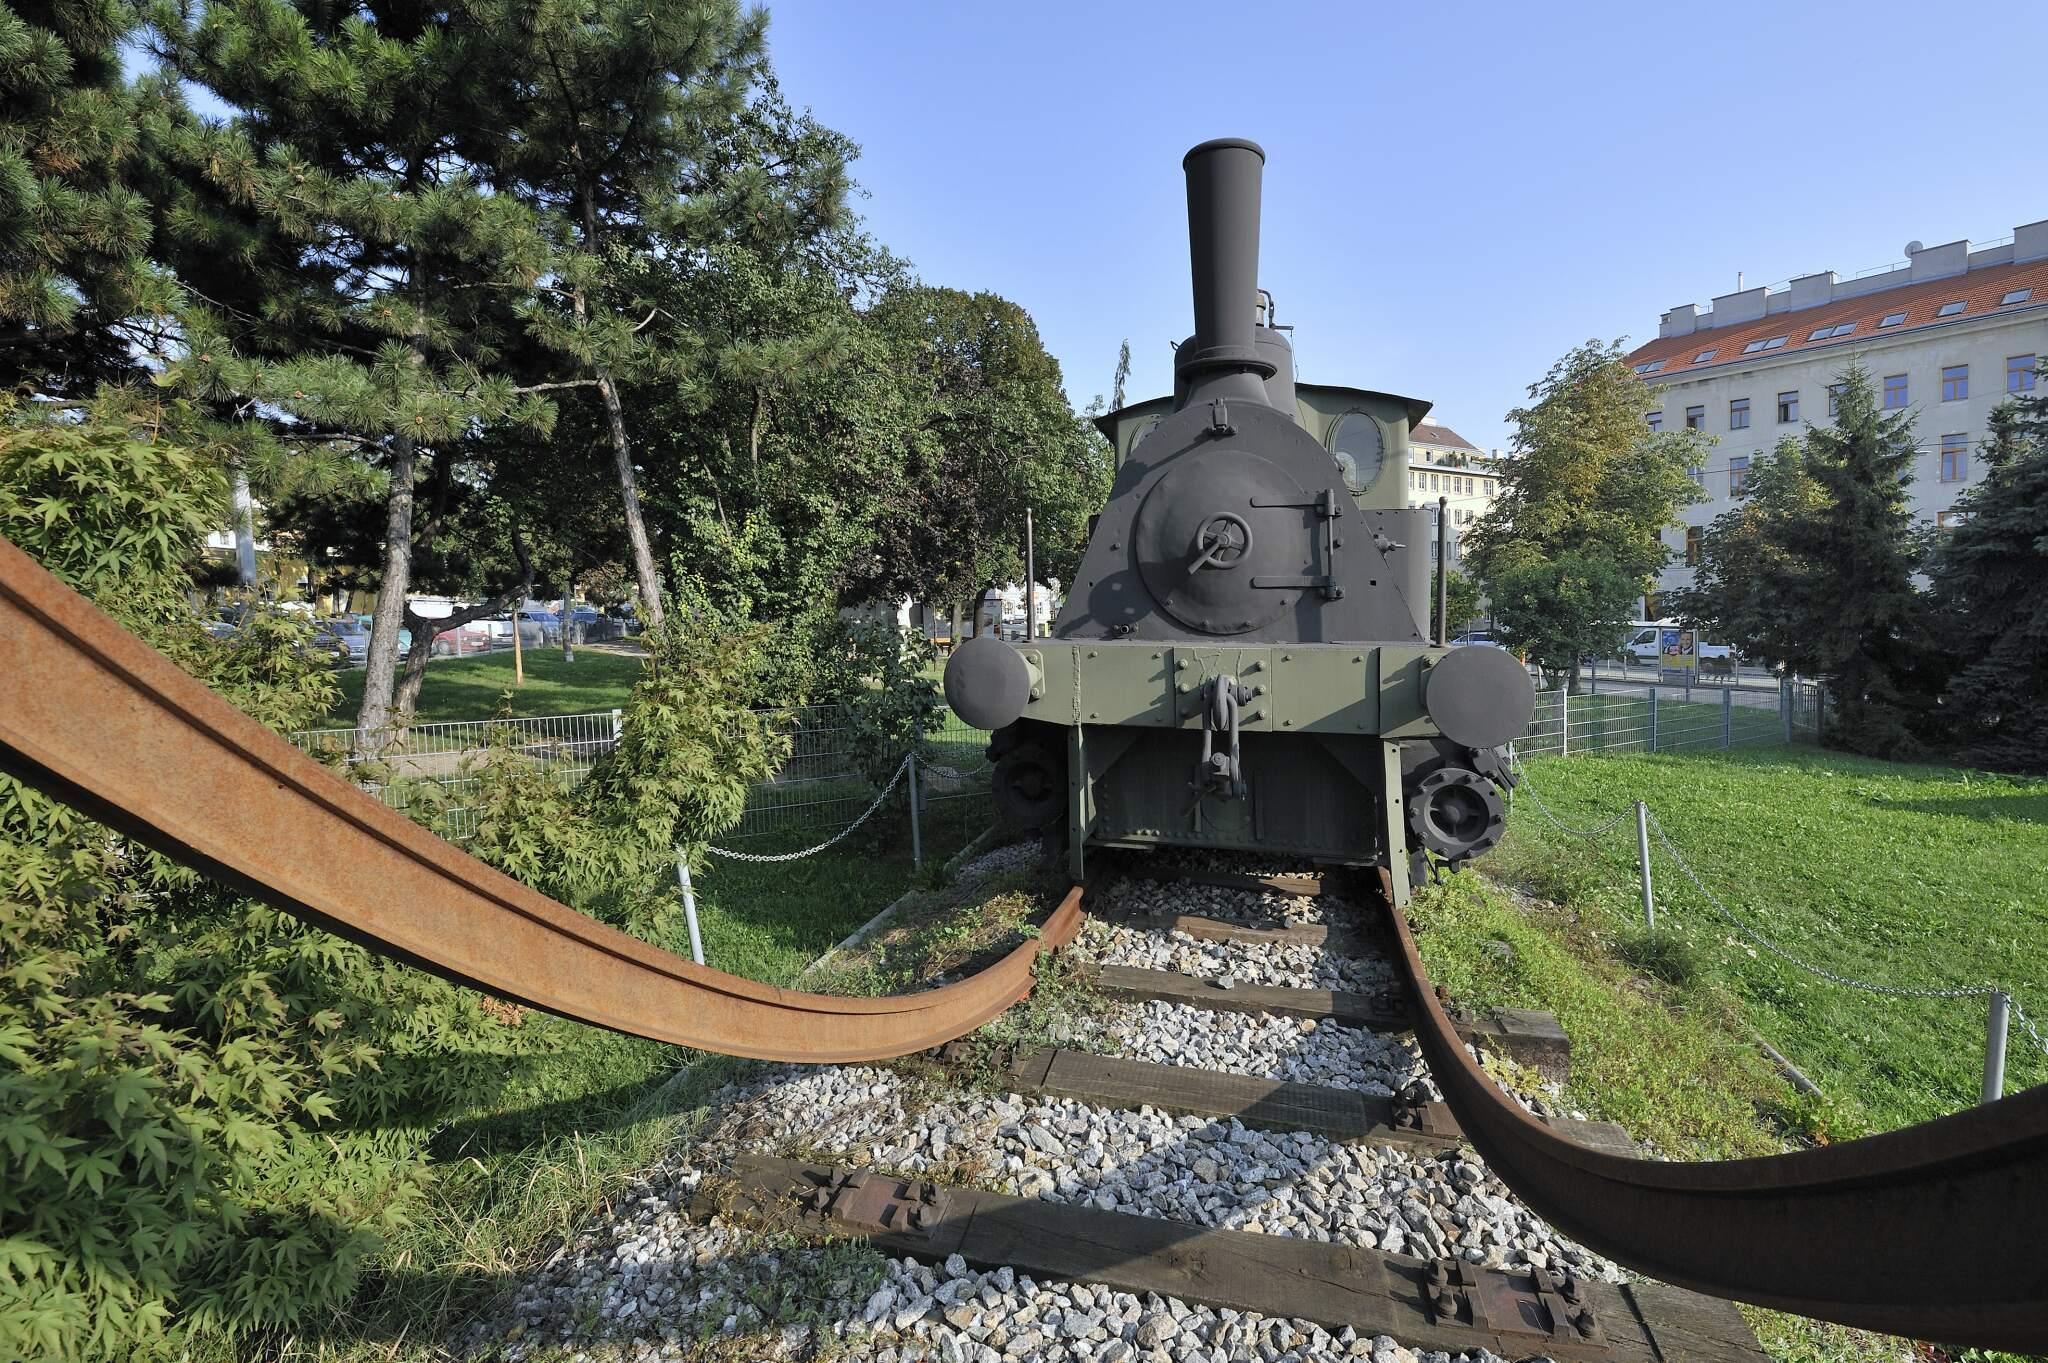 Dampflok vor Technischem Museum Wien (14., Mariahilfer Strasse 212